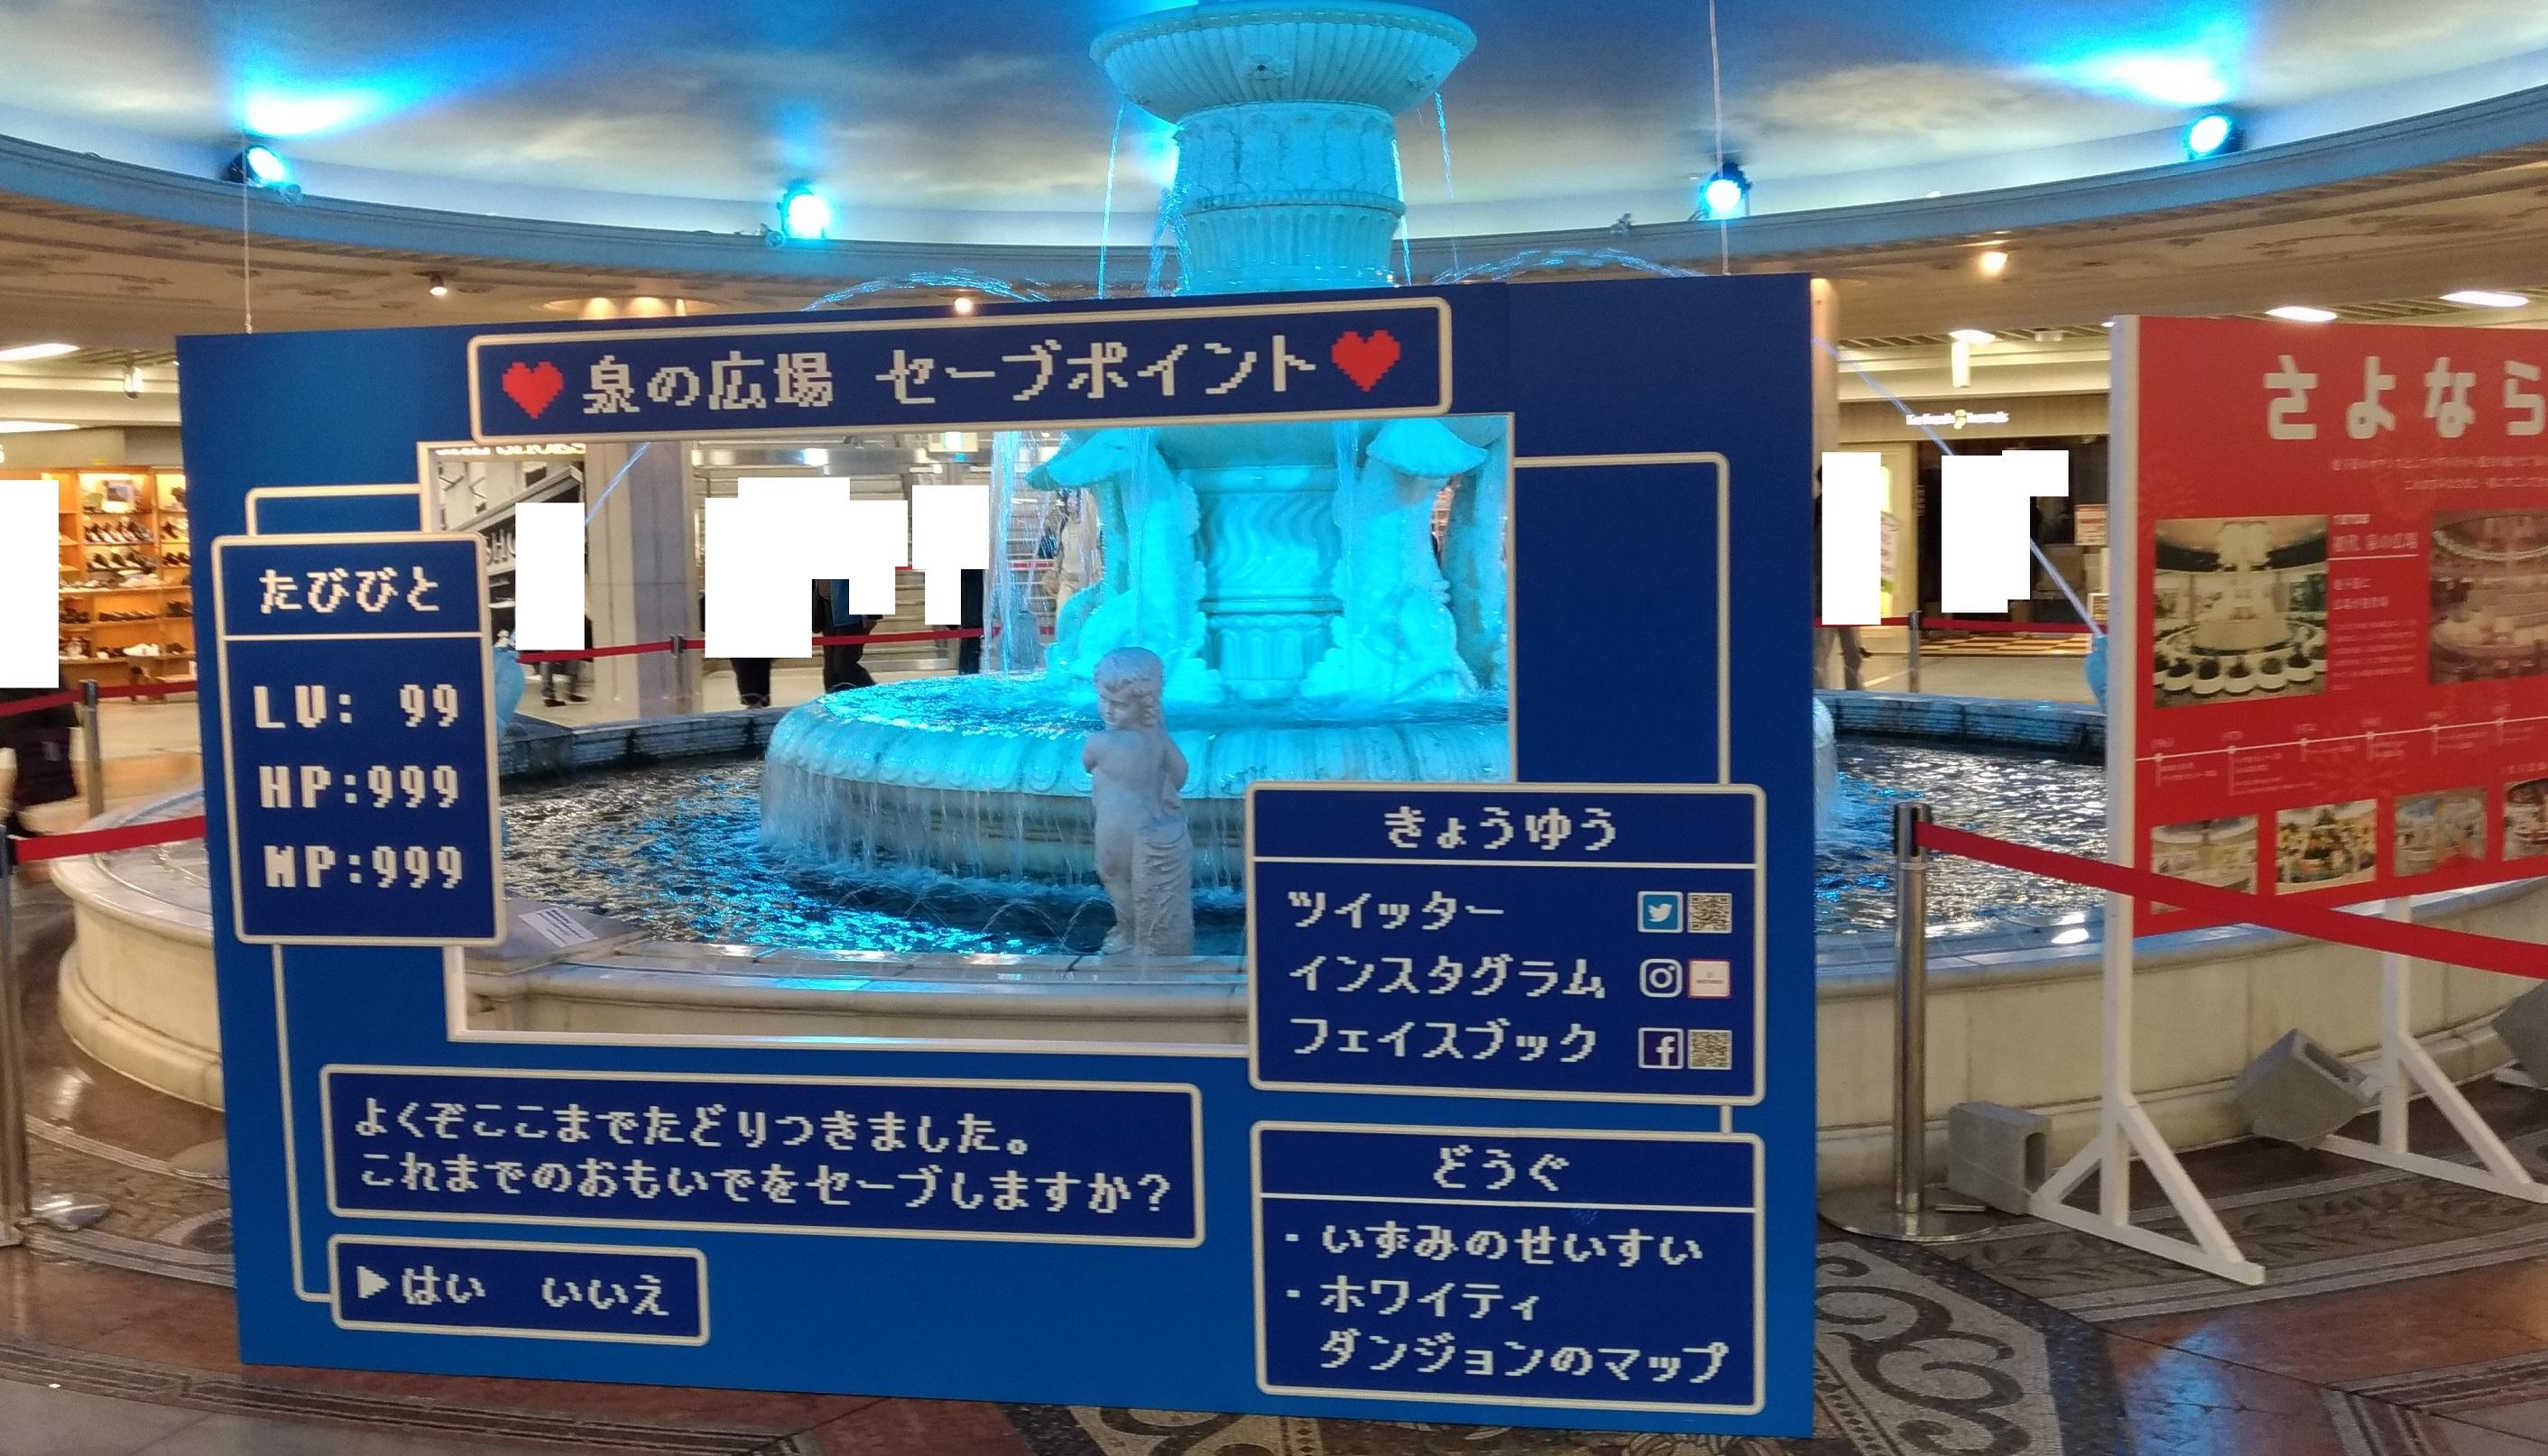 osaka_umeda_izumino_hiroba.jpg